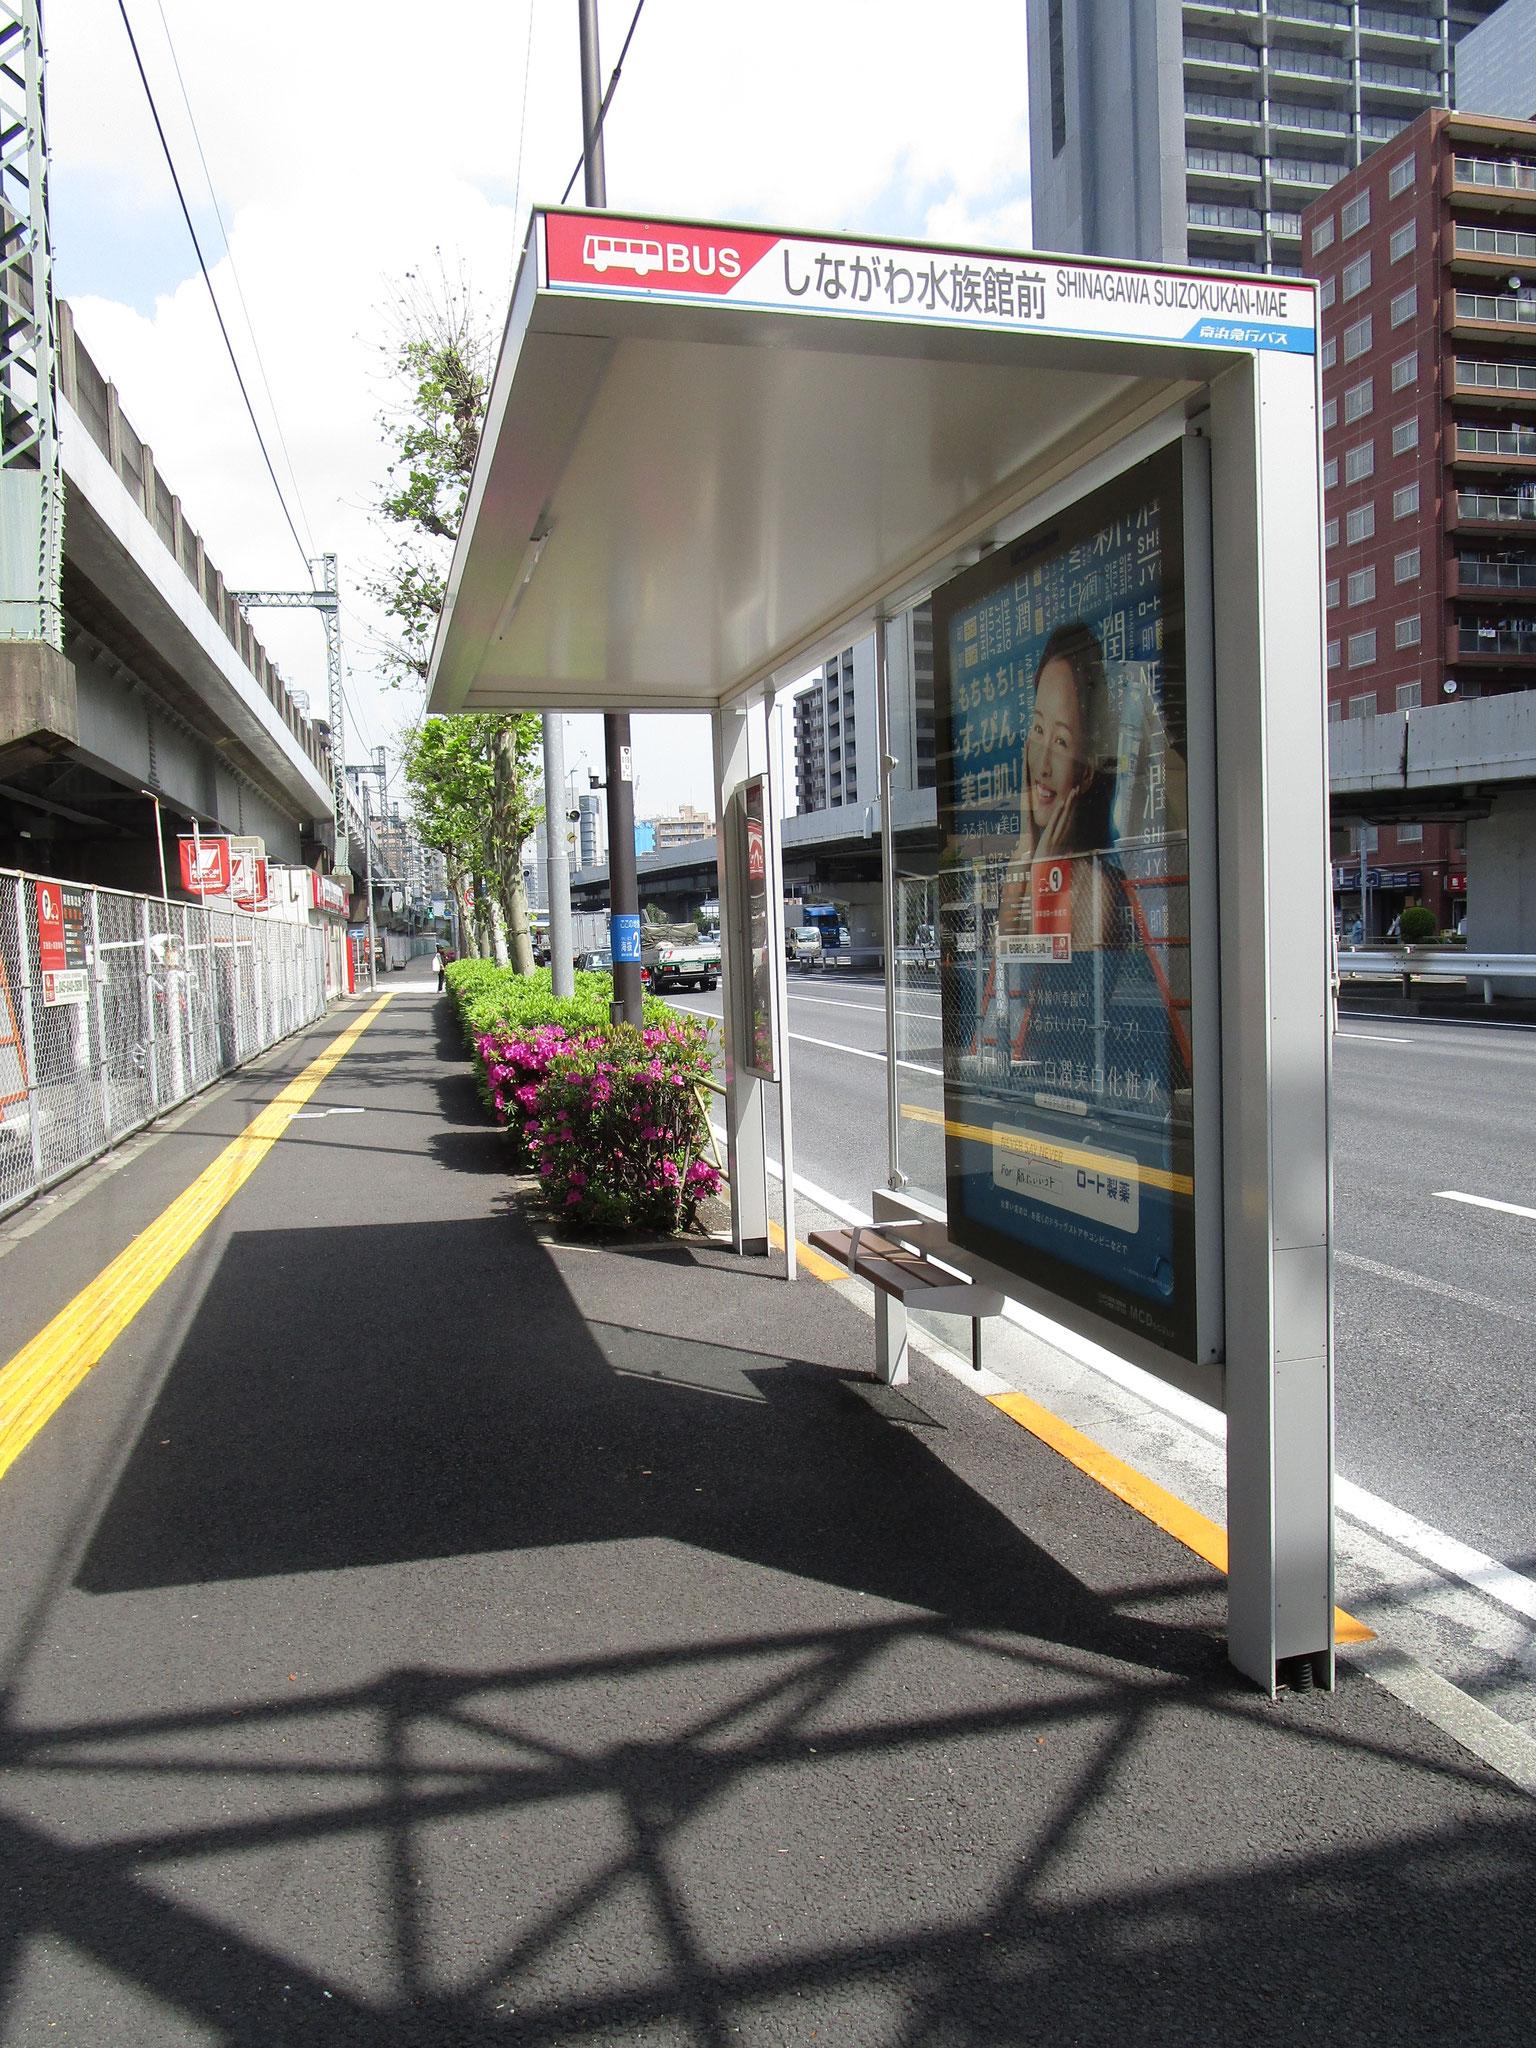 バスの停留所は「しながわ水族館前」